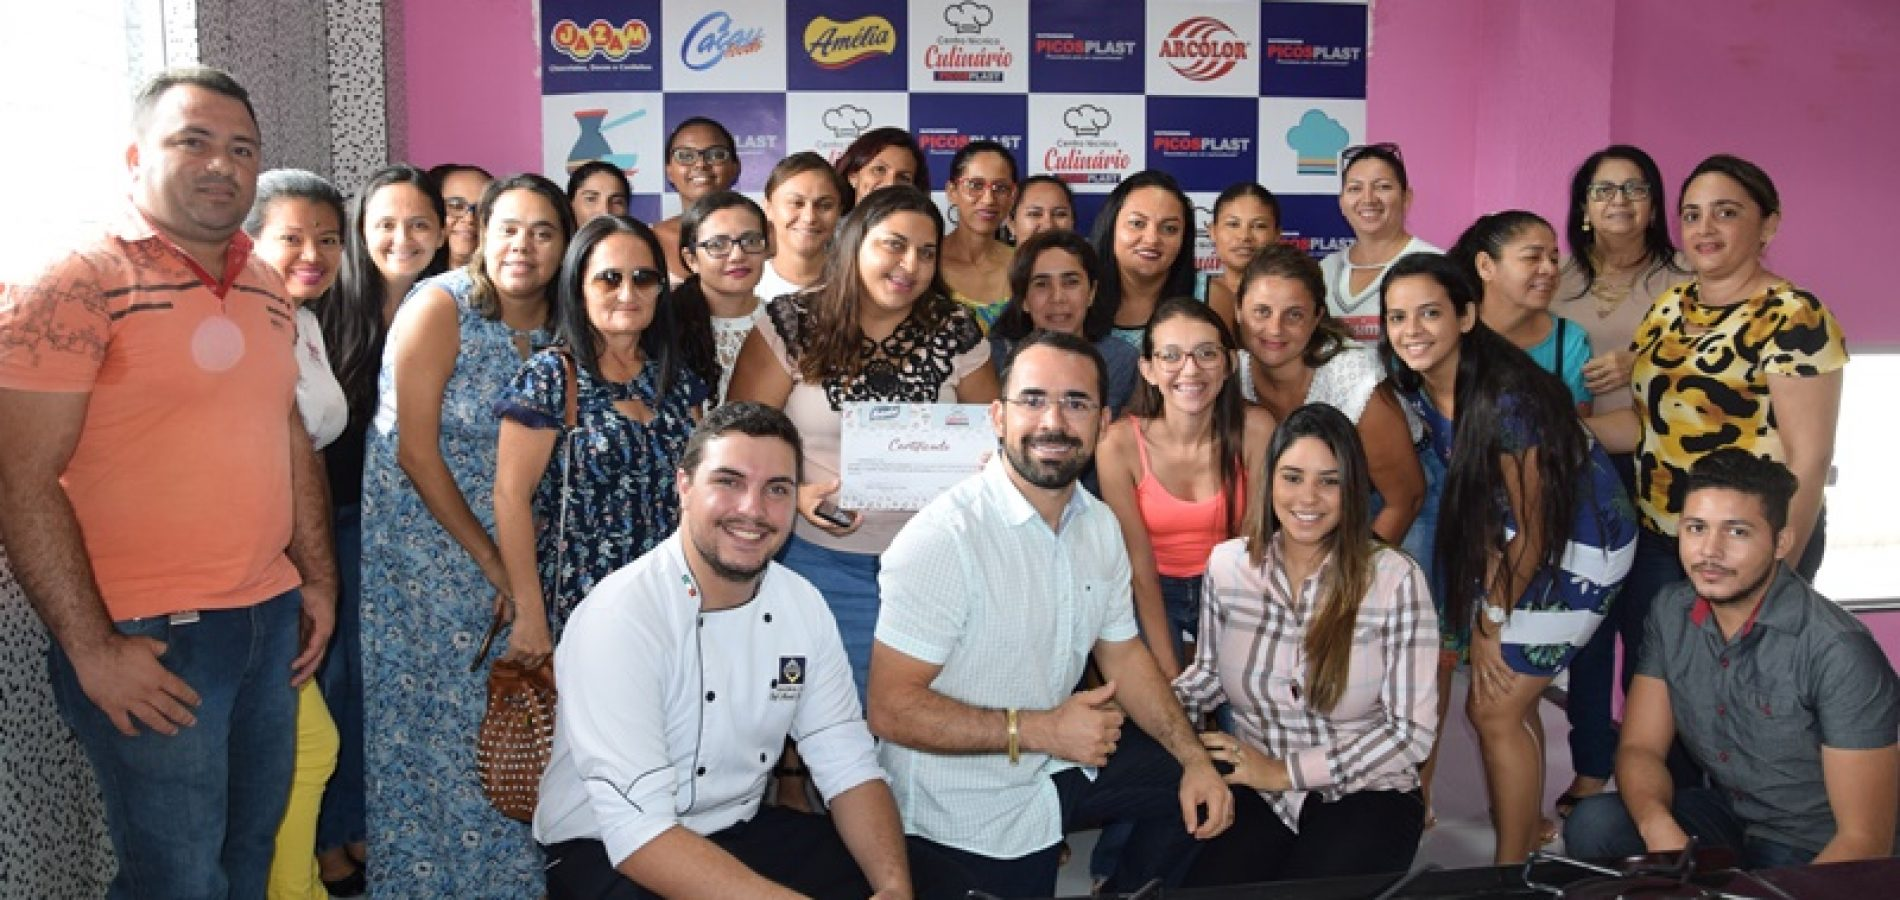 Picosplast promove curso de confeitaria para clientes em Picos